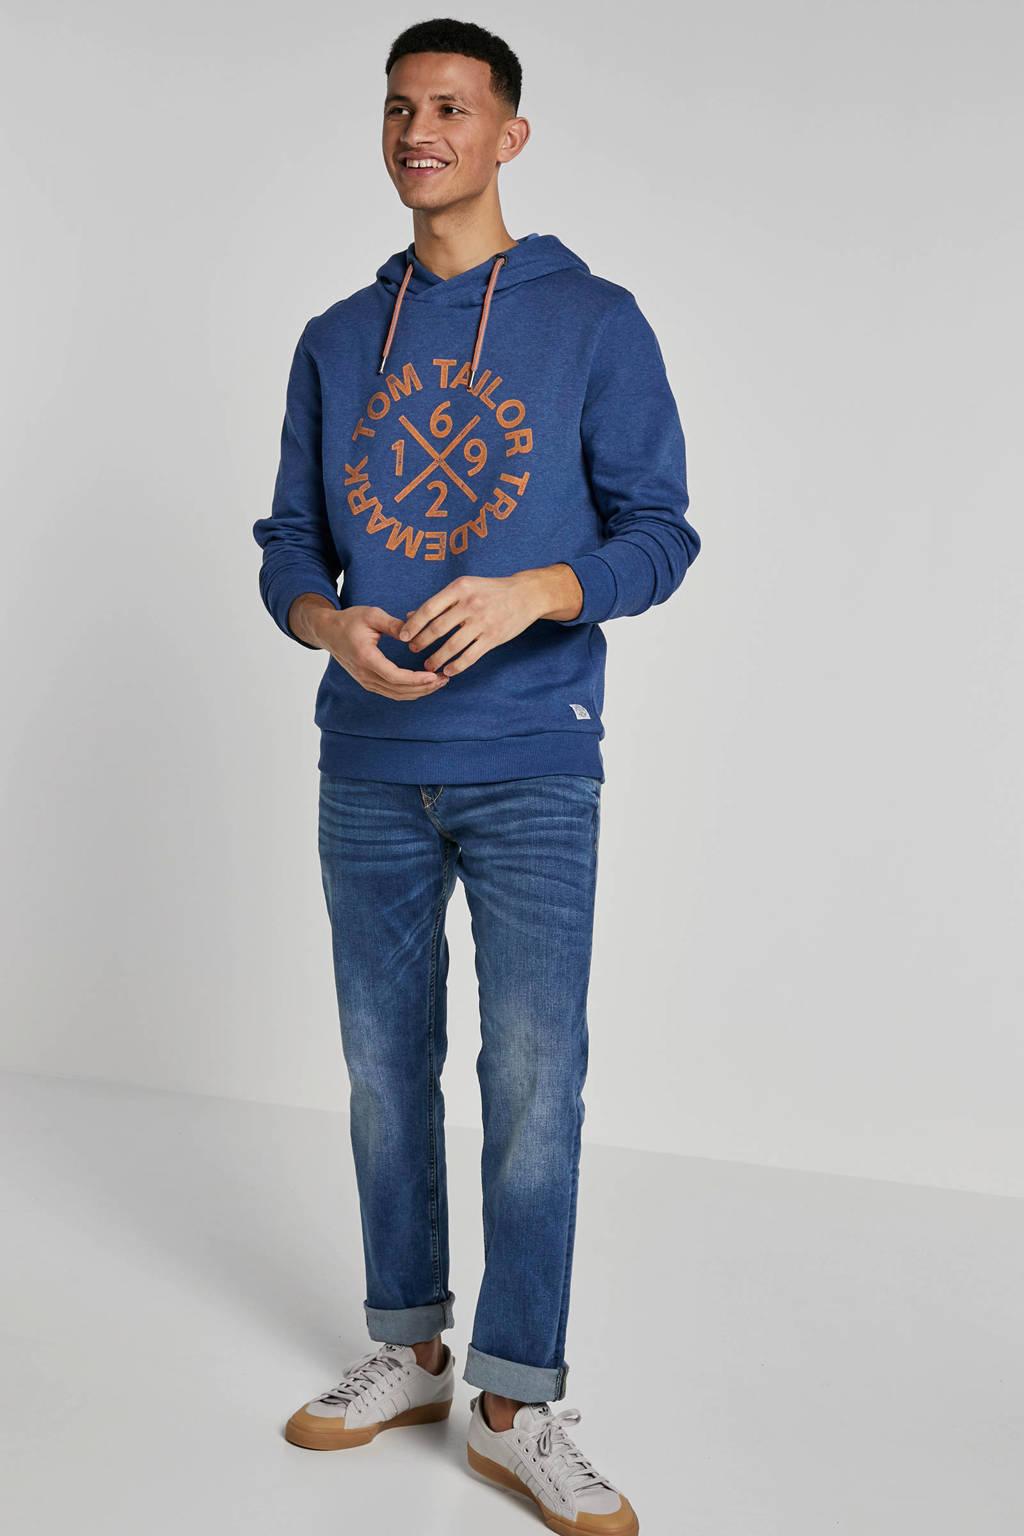 Tom Tailor hoodie, blauw melange